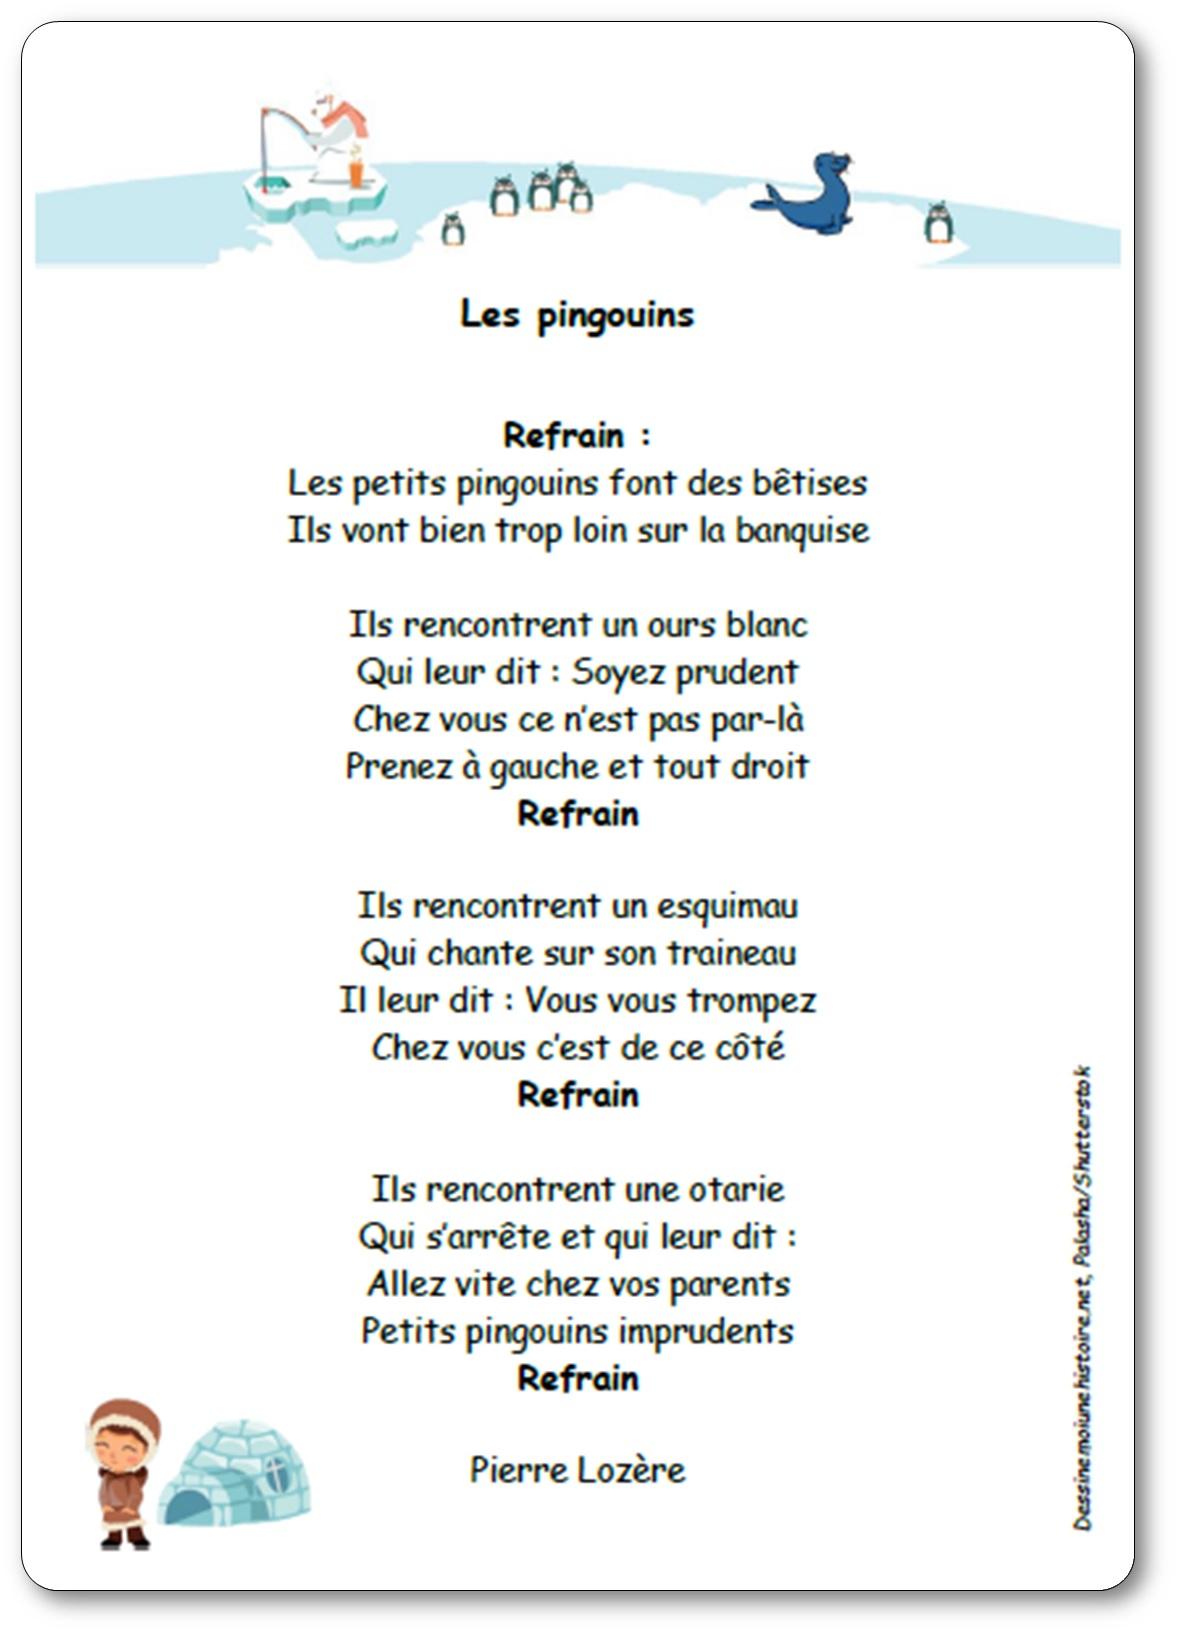 Les Pingouins (Font Des Bêtises) De Pierre Lozère - Chanson à Chanson A Imprimer